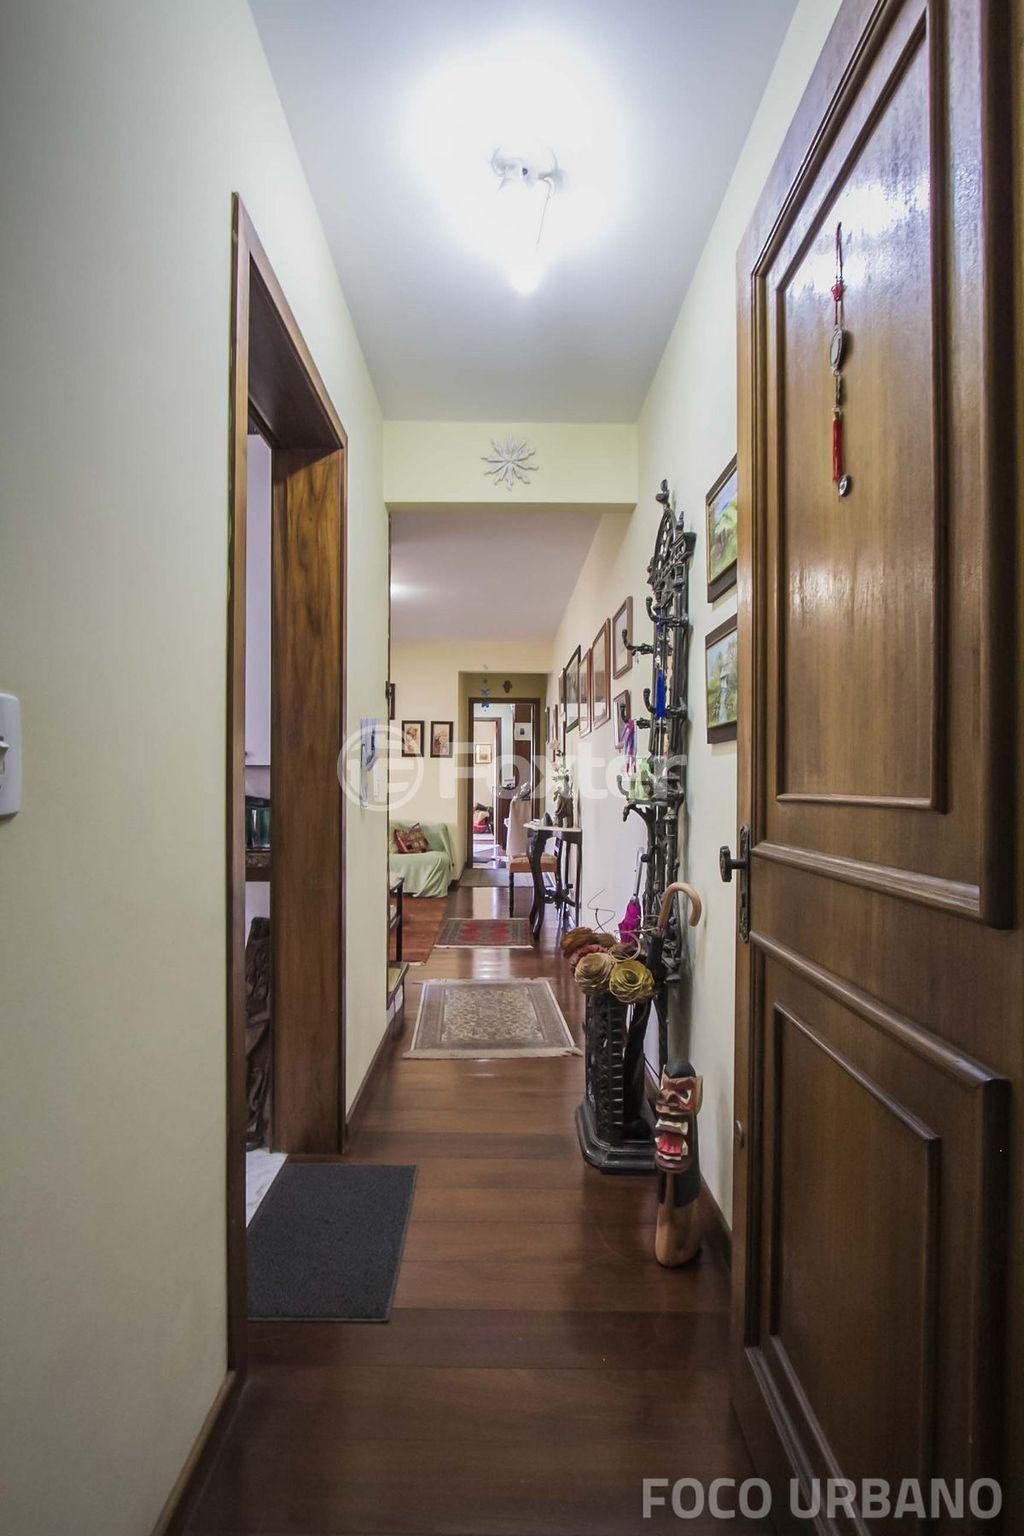 Residenza - Cobertura 2 Dorm, Bela Vista, Porto Alegre (185) - Foto 2